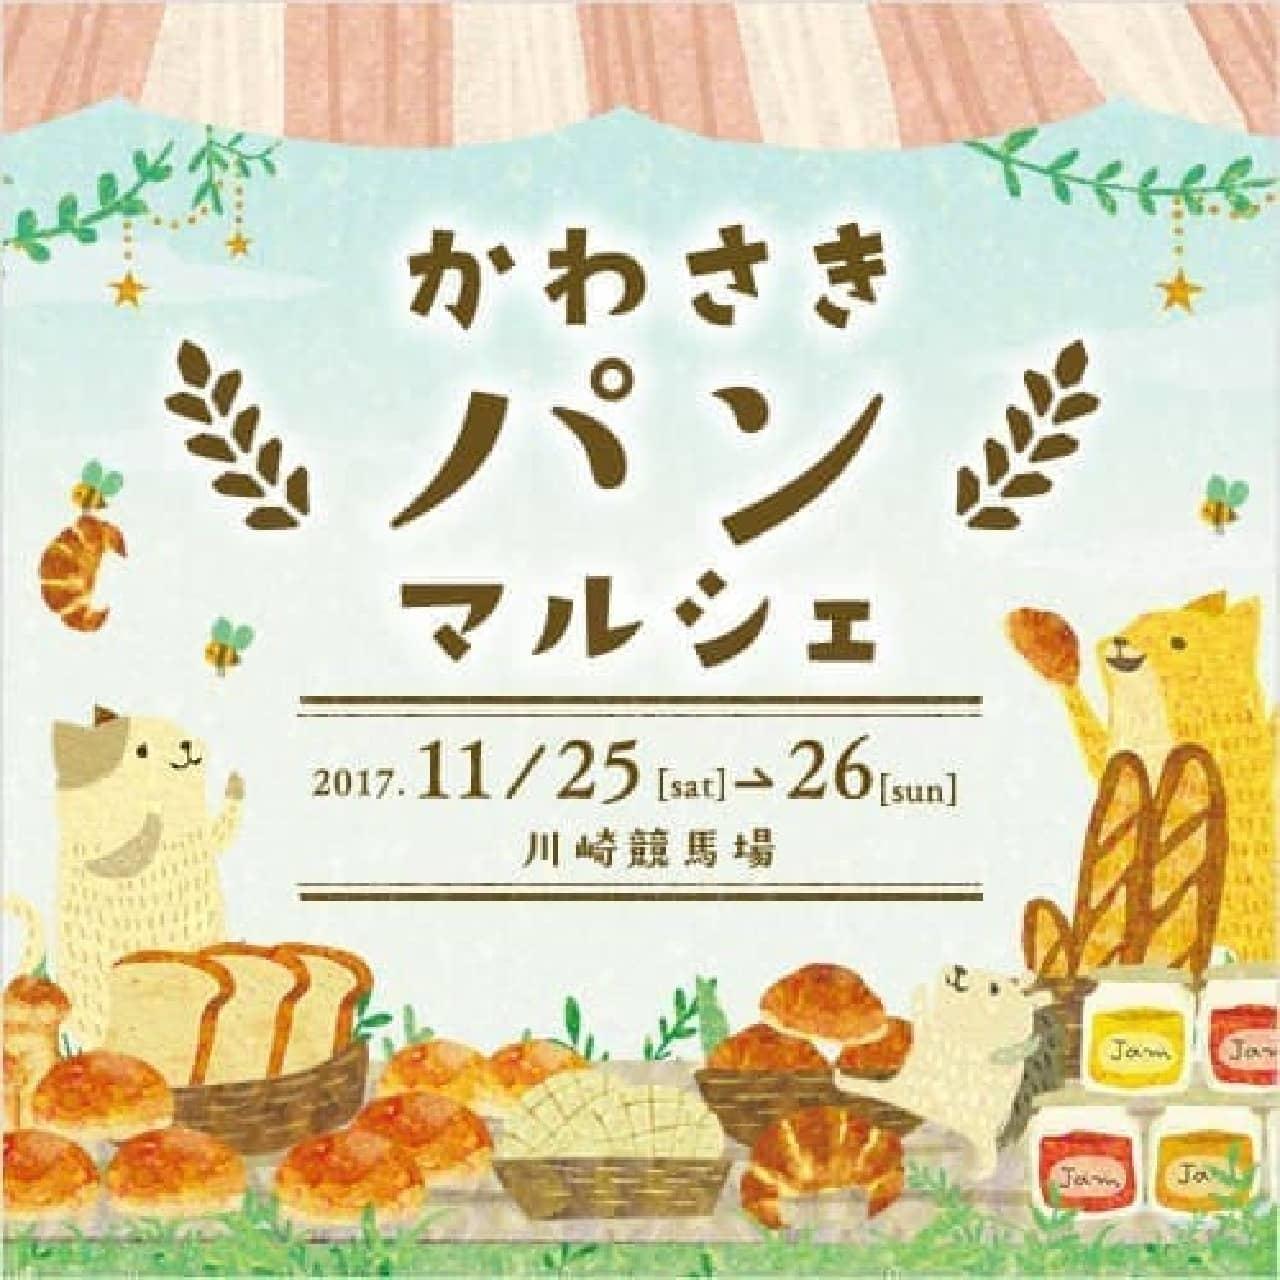 川崎市初のパンイベント「かわさきパンマルシェ」